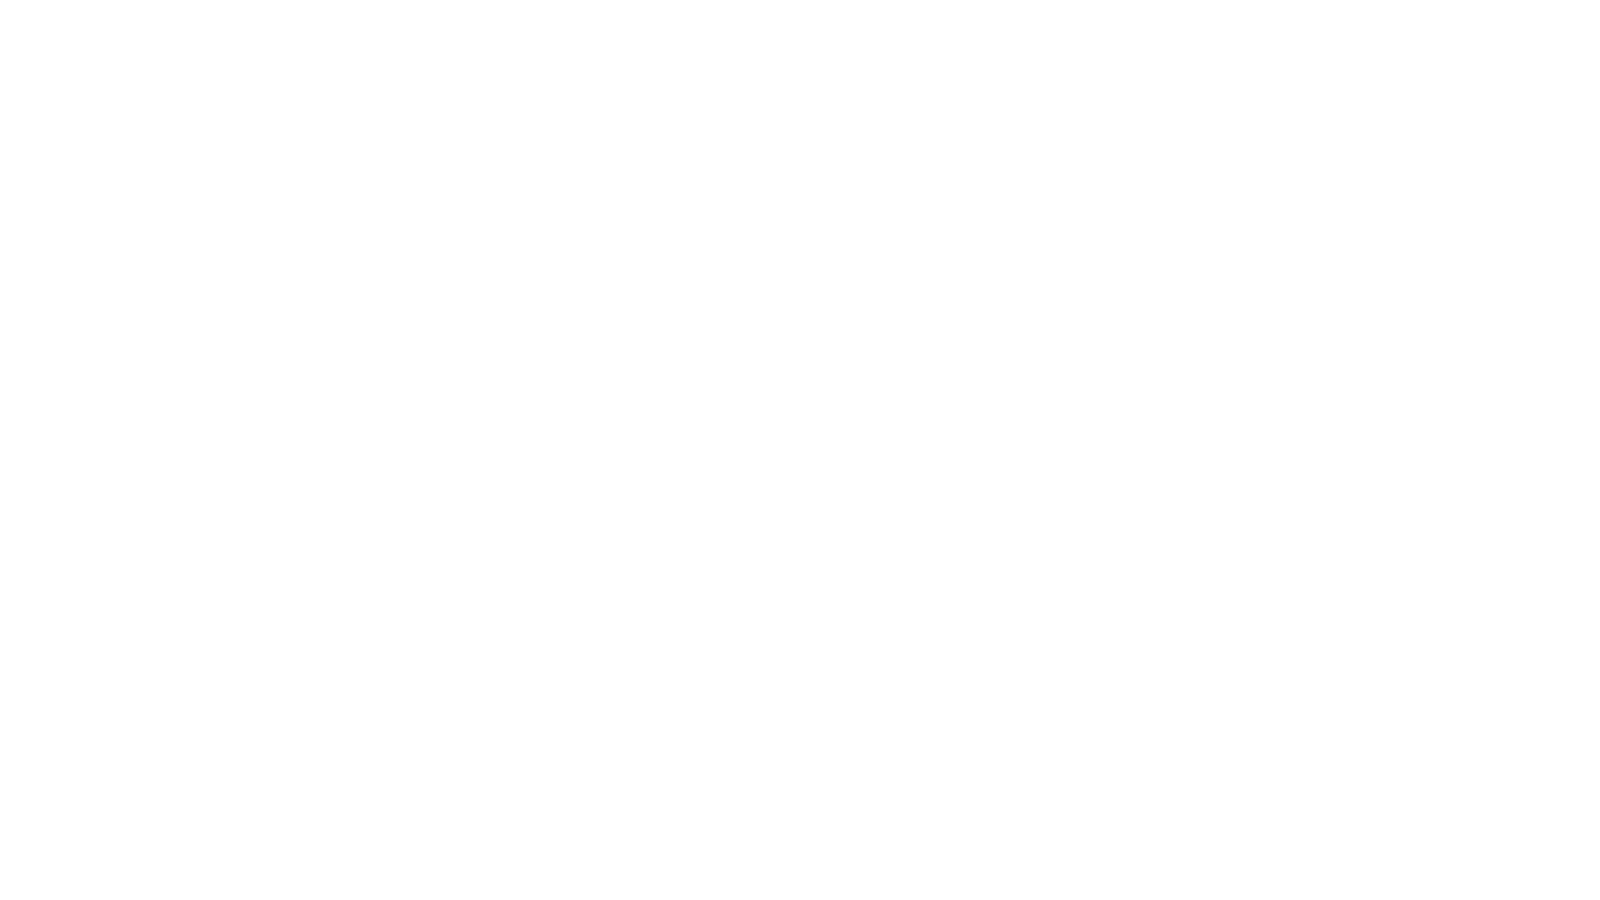 Interpretación de la marcha 'Cuenta la leyenda...' por la Banda de Cornetas y Tambores de la Presentación al Pueblo de Dos Hermanas (Sevilla) en el certamen Sones de Esperanza.  🎼  'Cuenta la leyenda...' (José María Sánchez Martín).  🎺 Banda de Cornetas y Tambores de la Presentación al Pueblo de Dos Hermanas (Sevilla).  📍 The Lace Park en el paseo de la playa de la Puntilla del Puerto de Santa María (Cádiz).  📅 31 de julio de 2021.  🎥 Eduardo Albarrán Orte y Pablo García Jiménez.